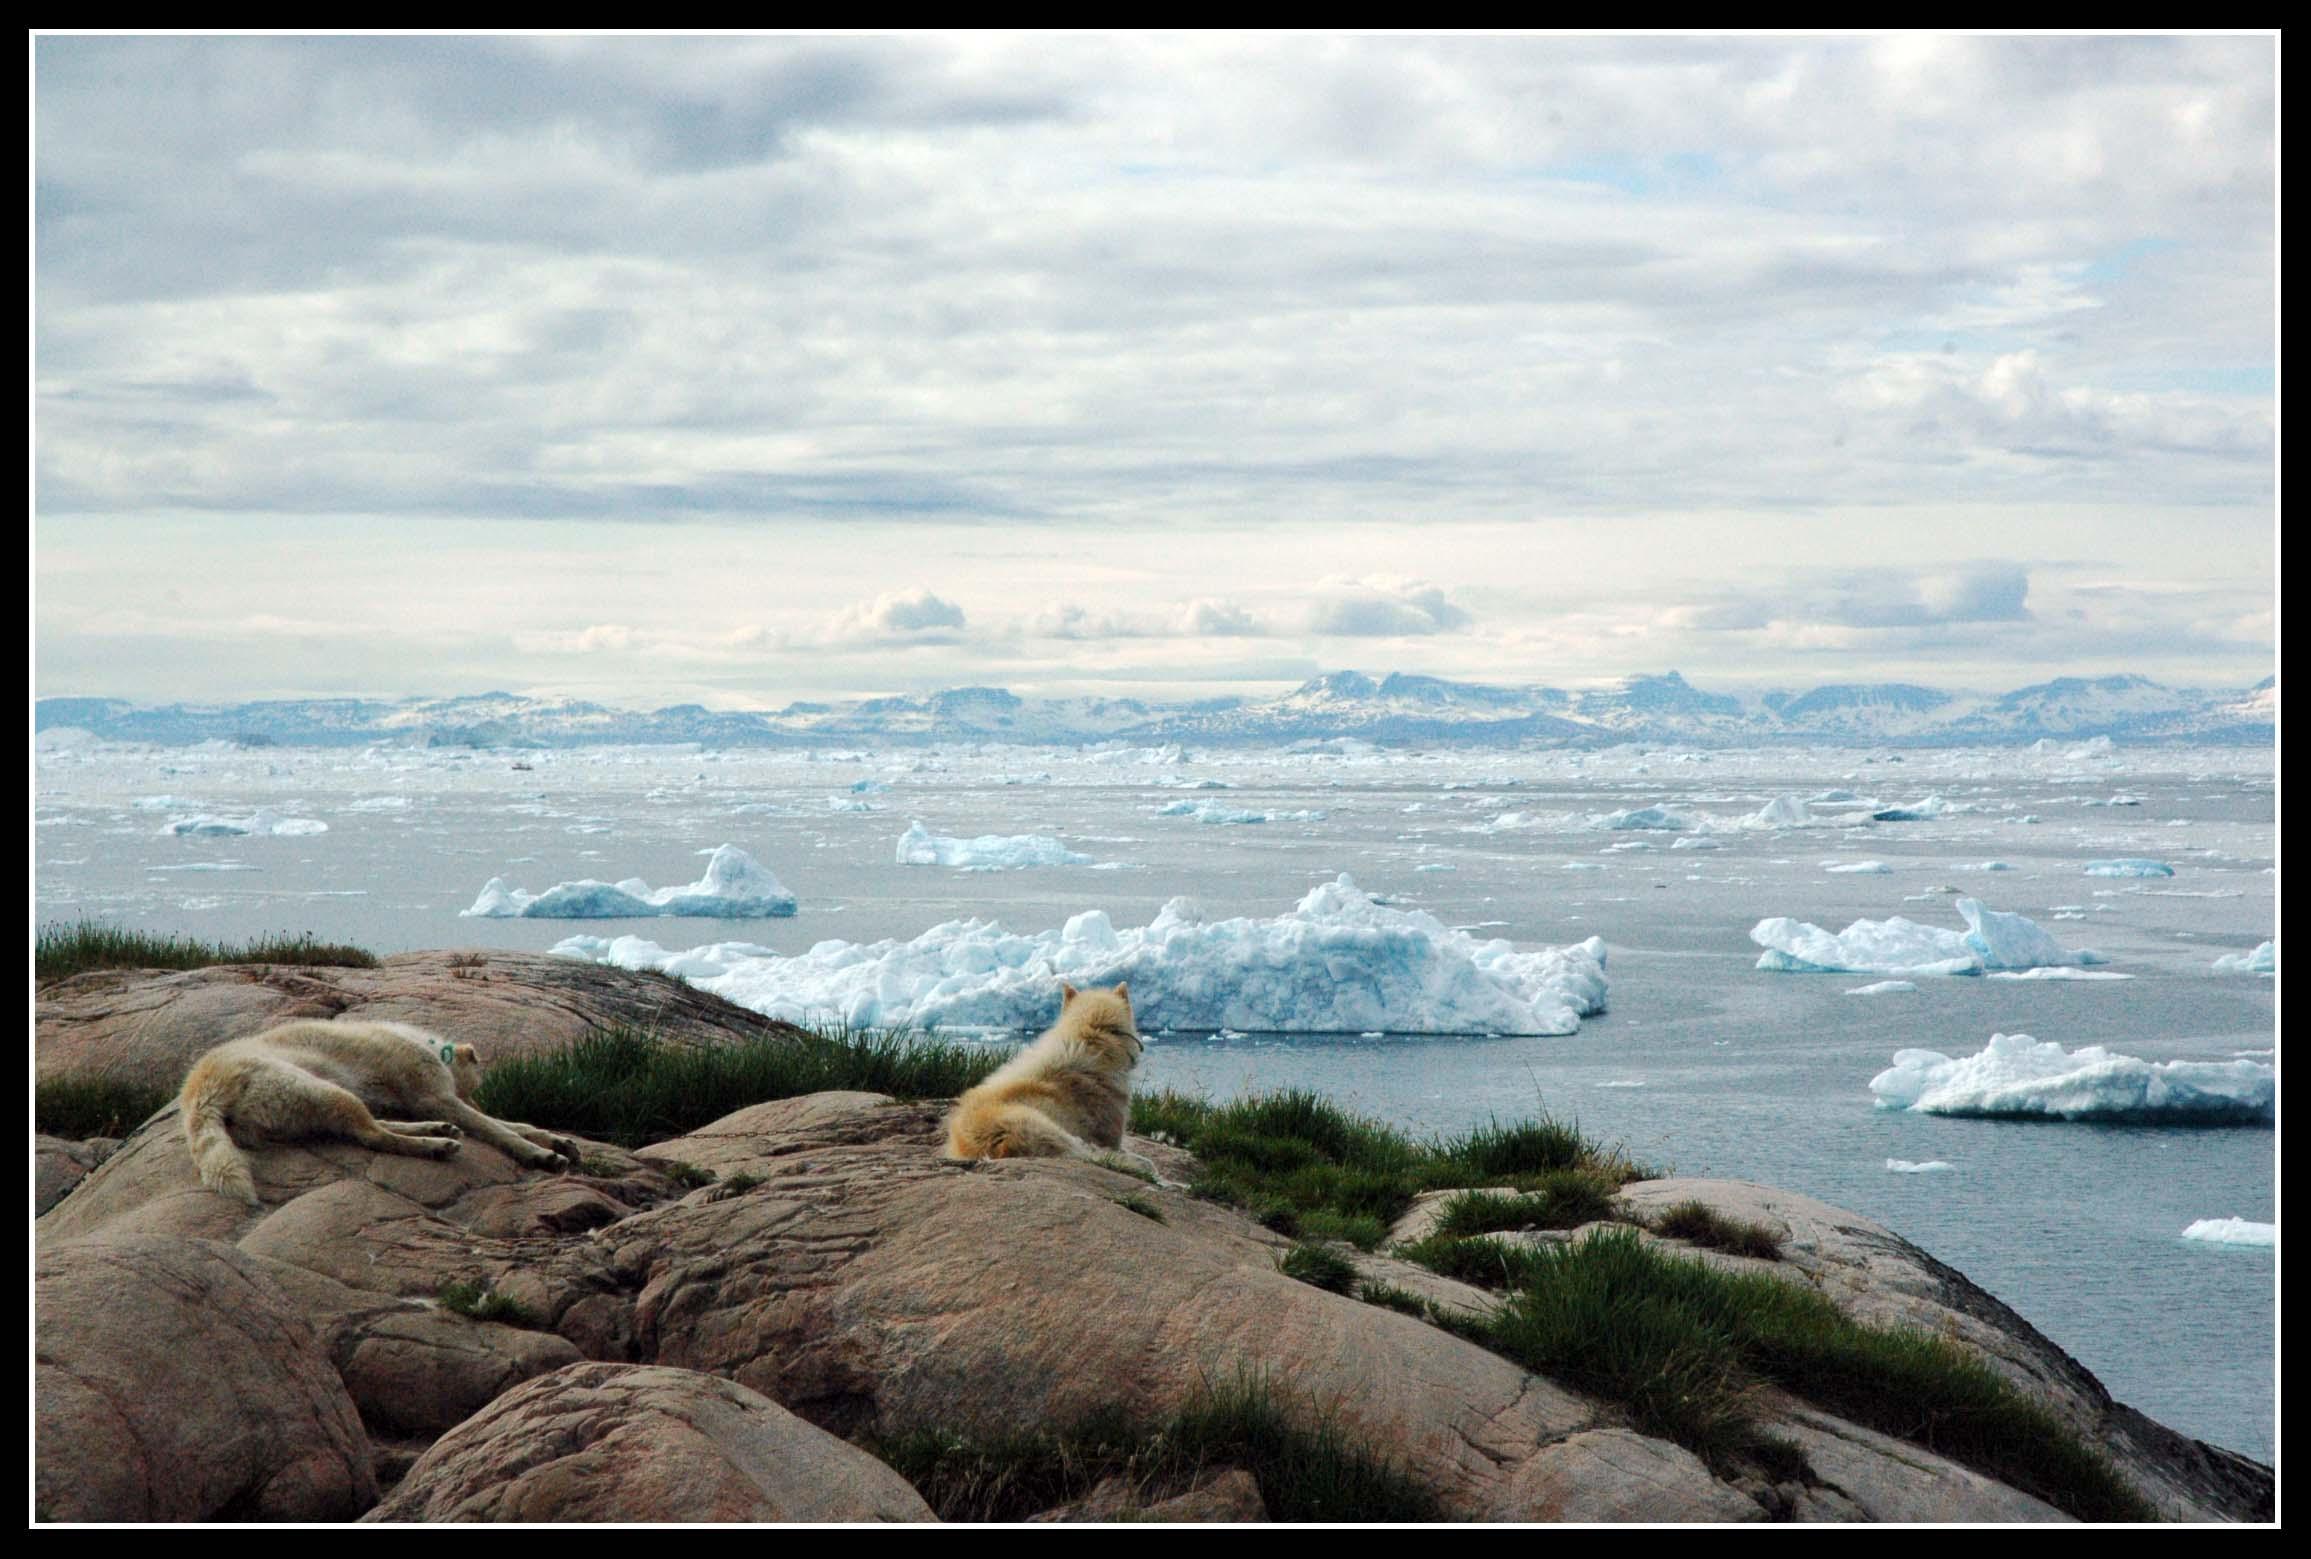 #15 Greenland - Kalaallit Nunaat